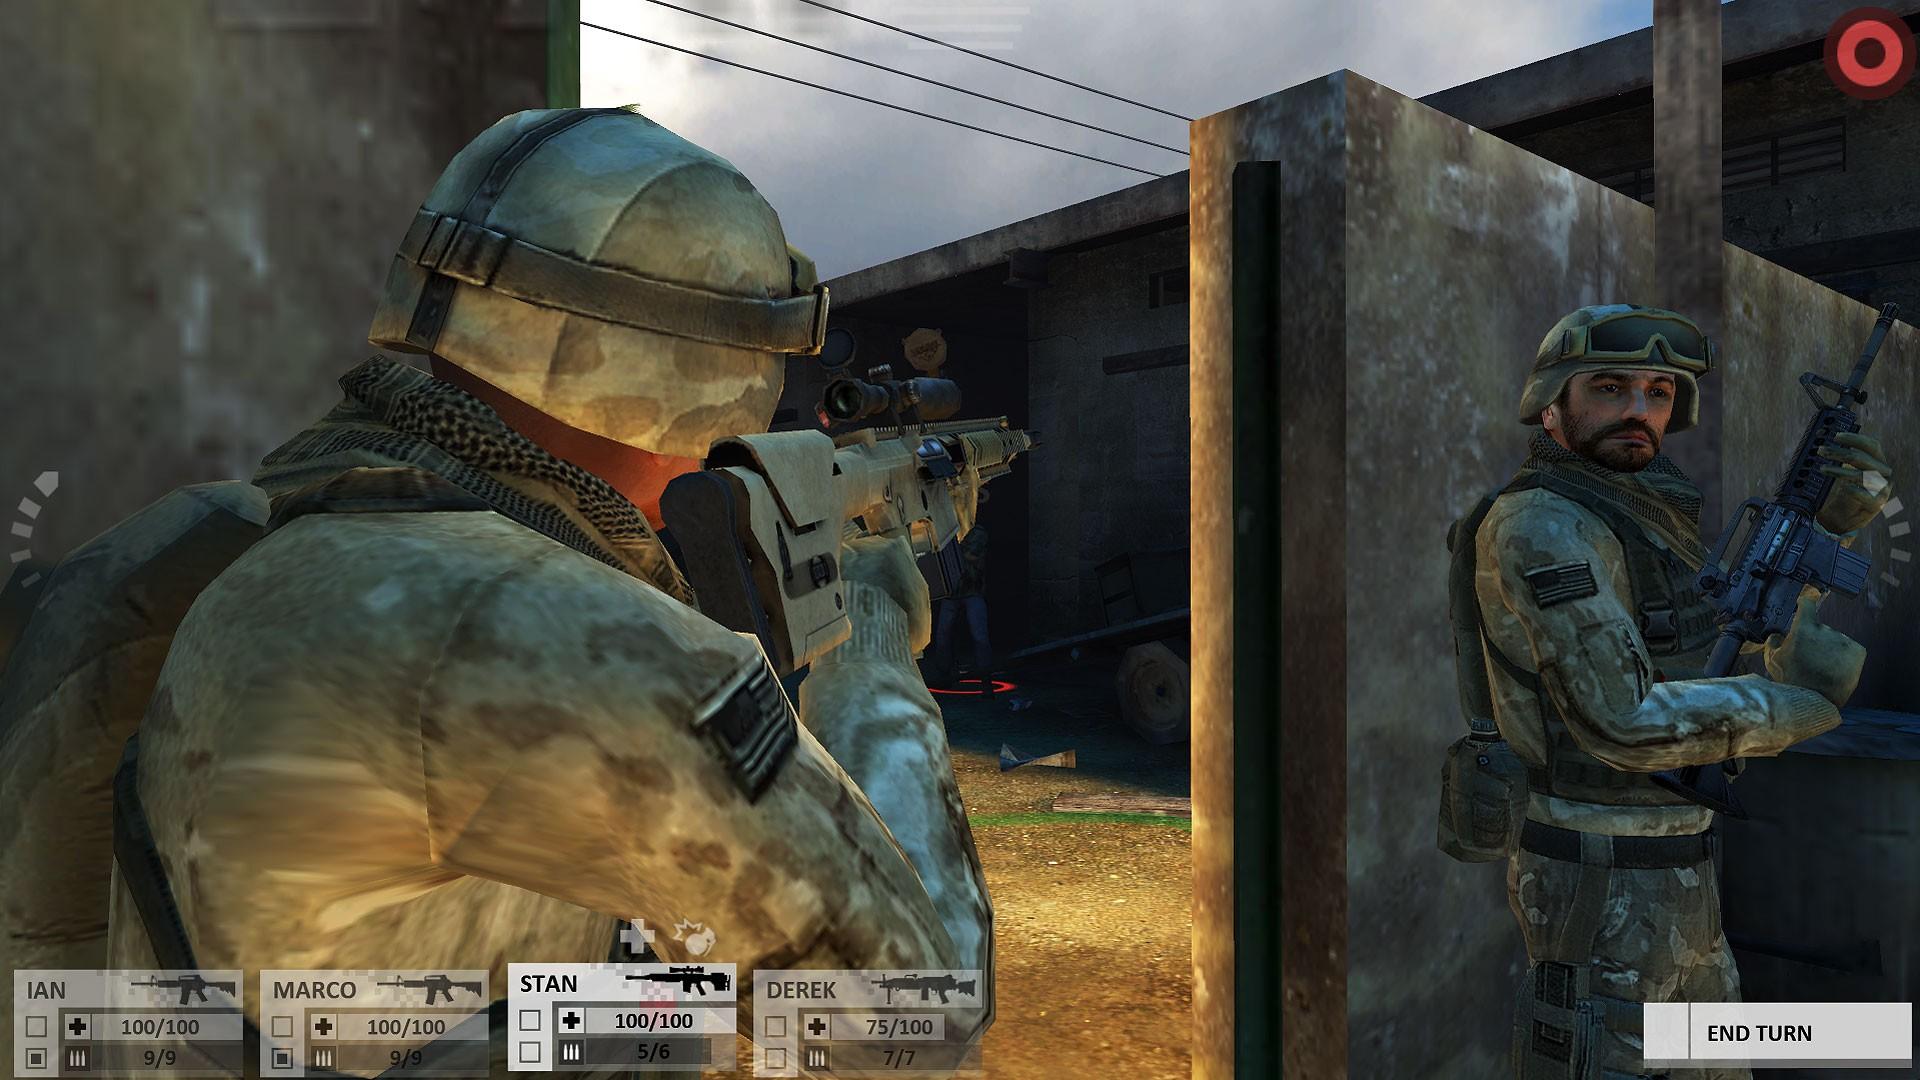 #8. Arma Tactics